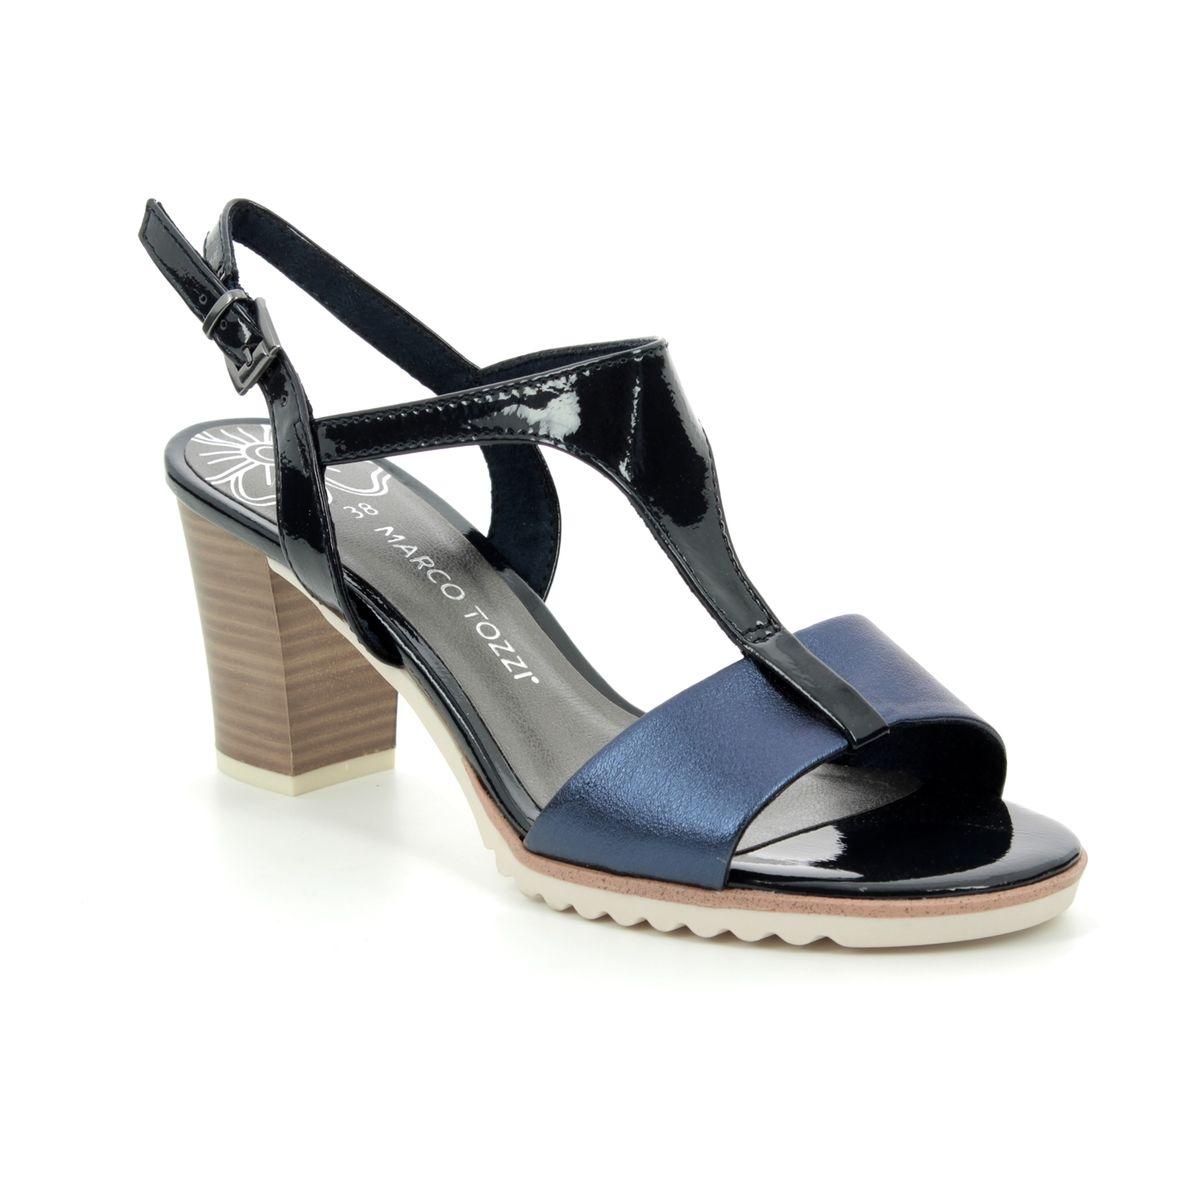 MARCO TOZZI Heeled Sandals metallic